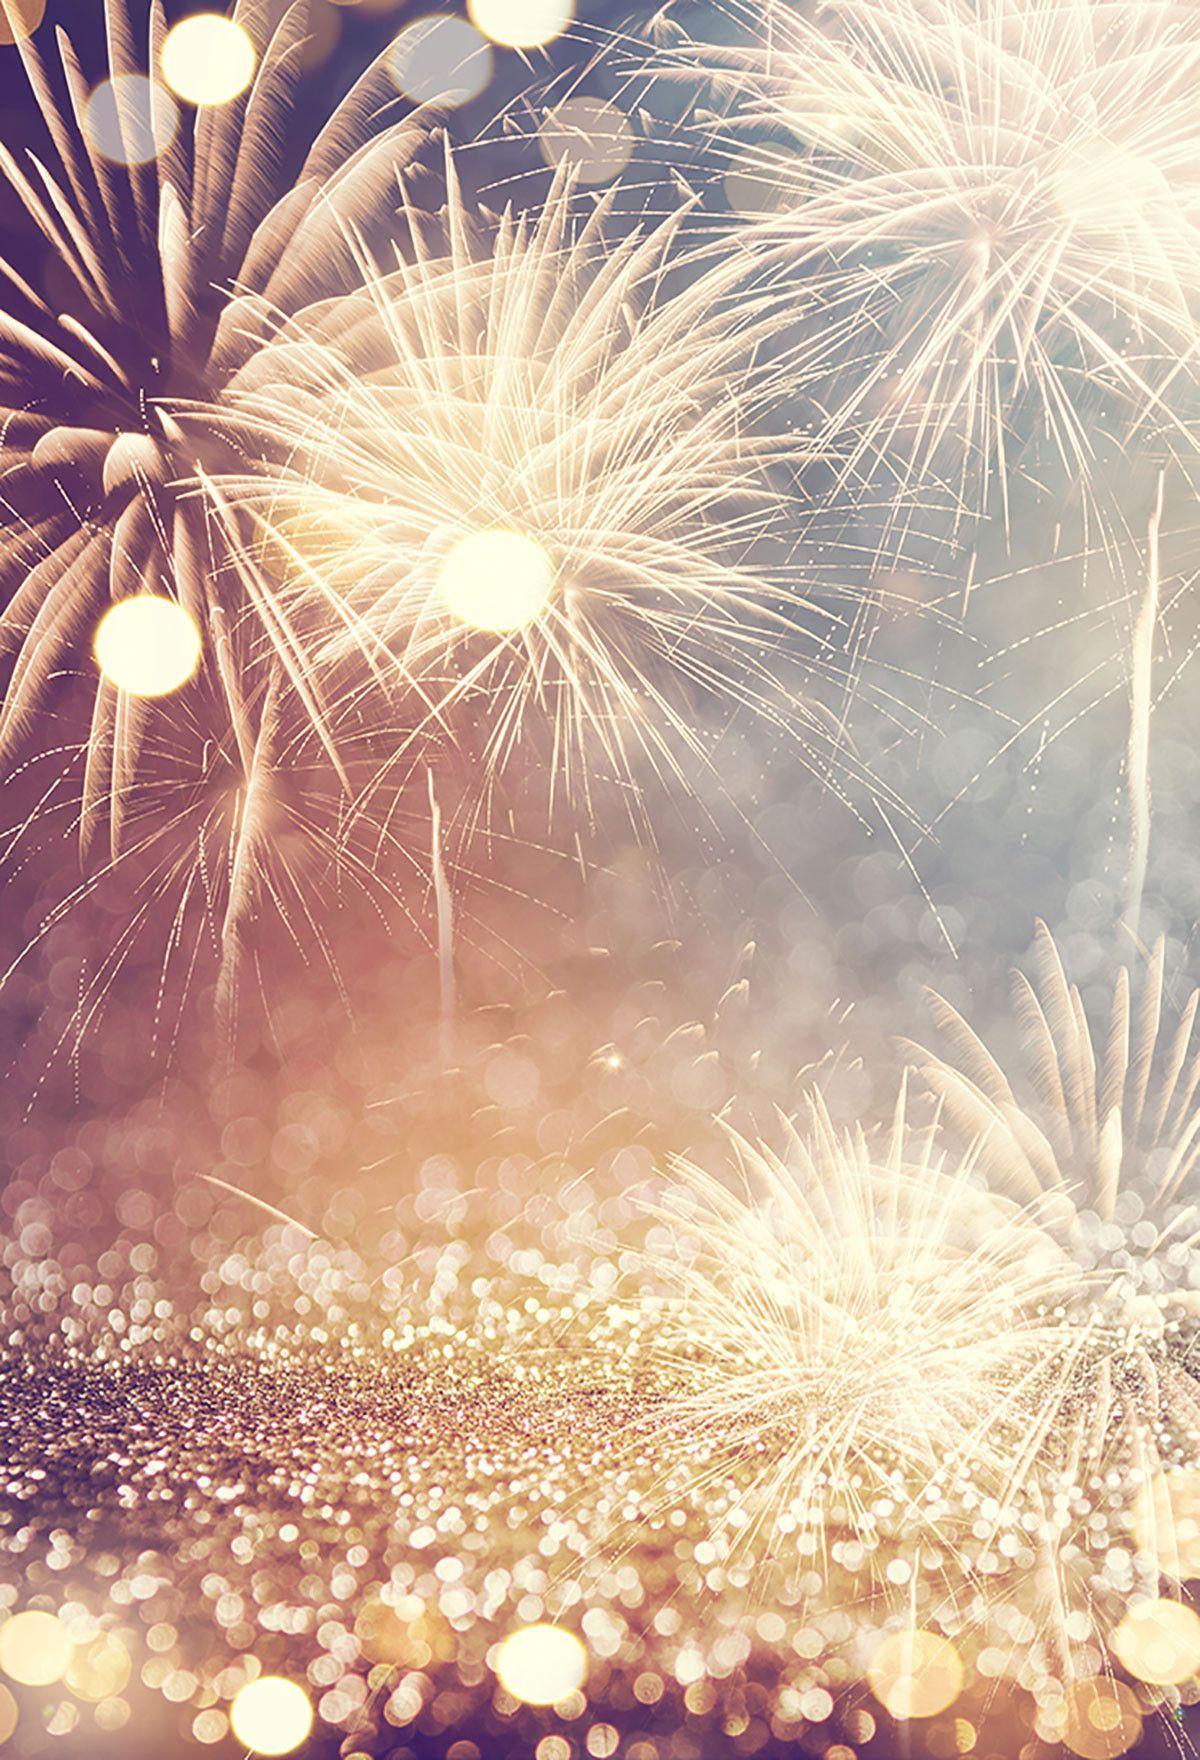 Bokeh Blurred Backdrops Fireworks Background Diy Backdrops